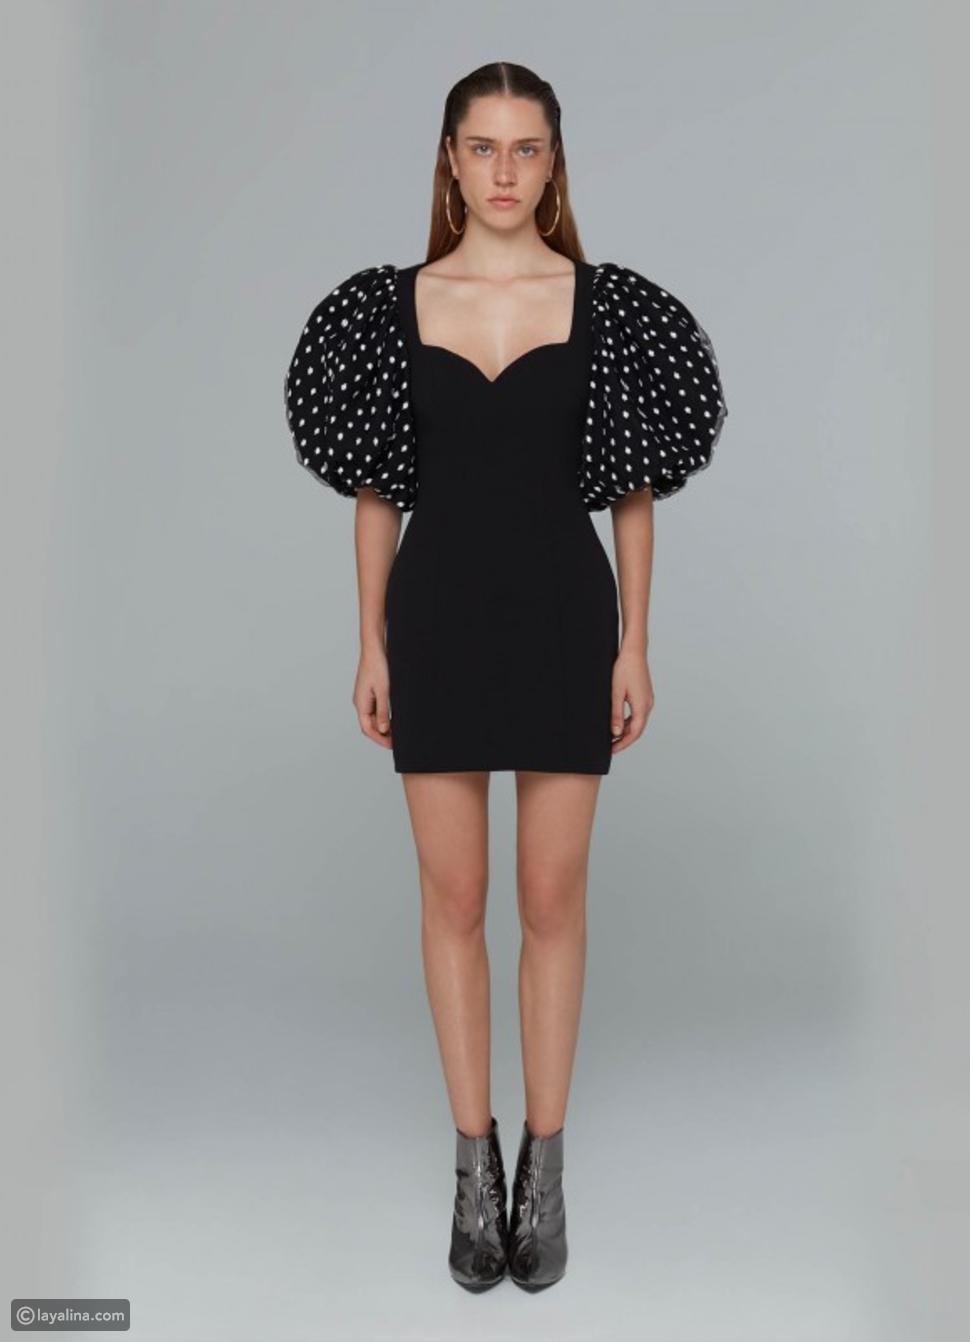 فستان Vatanika Polka Dot شبكي من كريب مطاطي بأكمام منفوخة